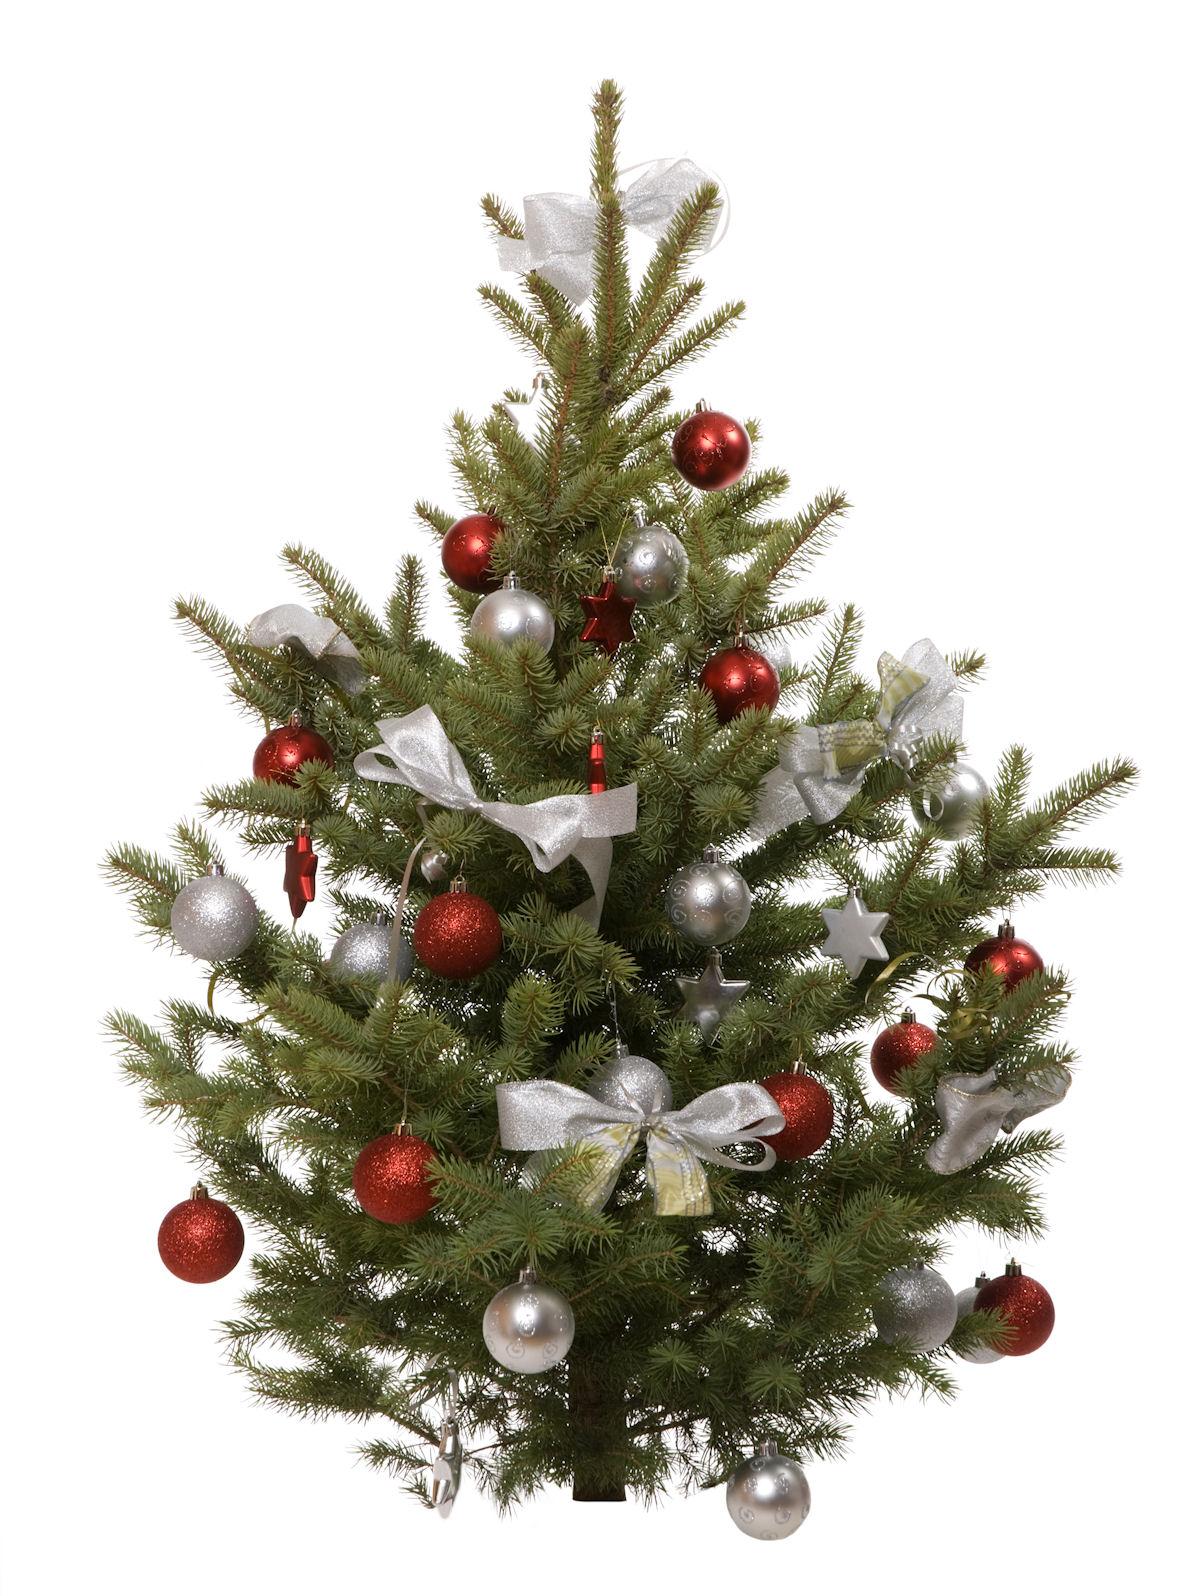 Navidad gif fondo transparente